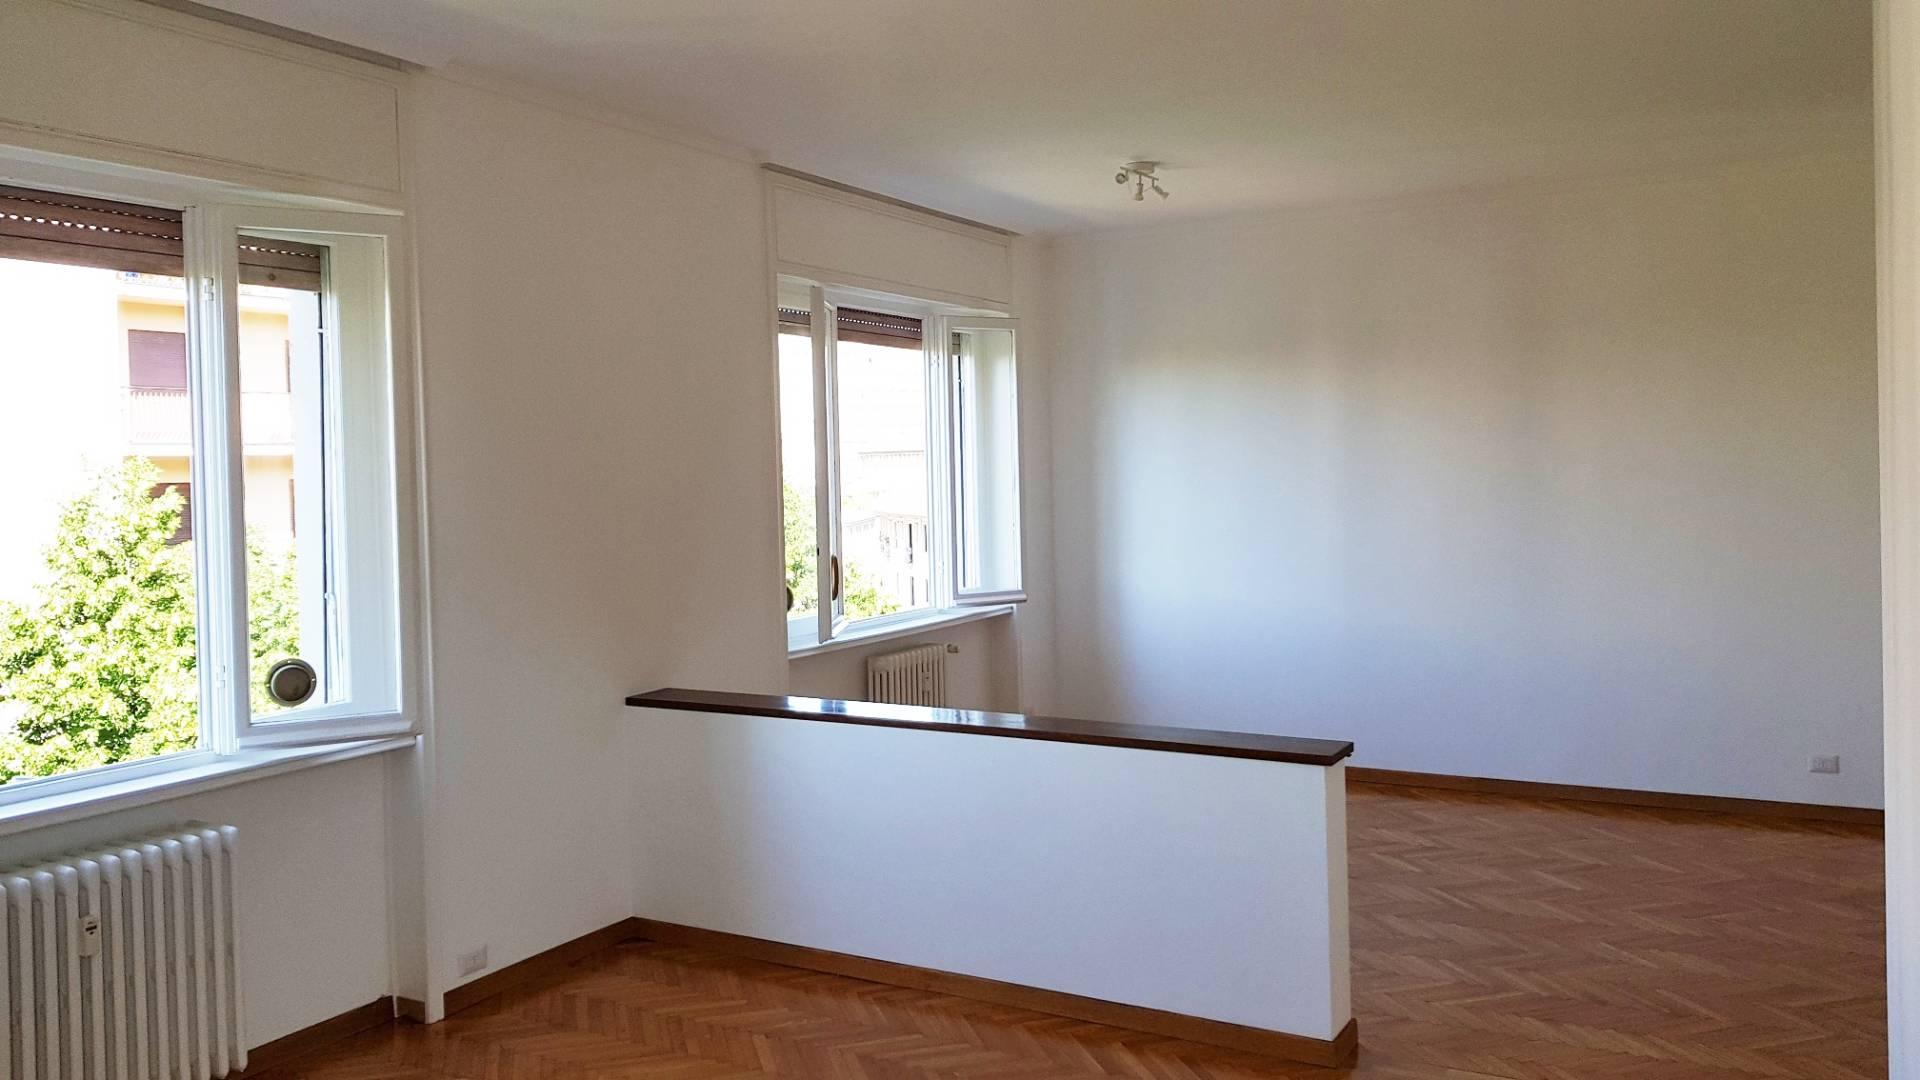 Appartamento in affitto a Busto Arsizio, 5 locali, zona Zona: Centro, prezzo € 700   CambioCasa.it